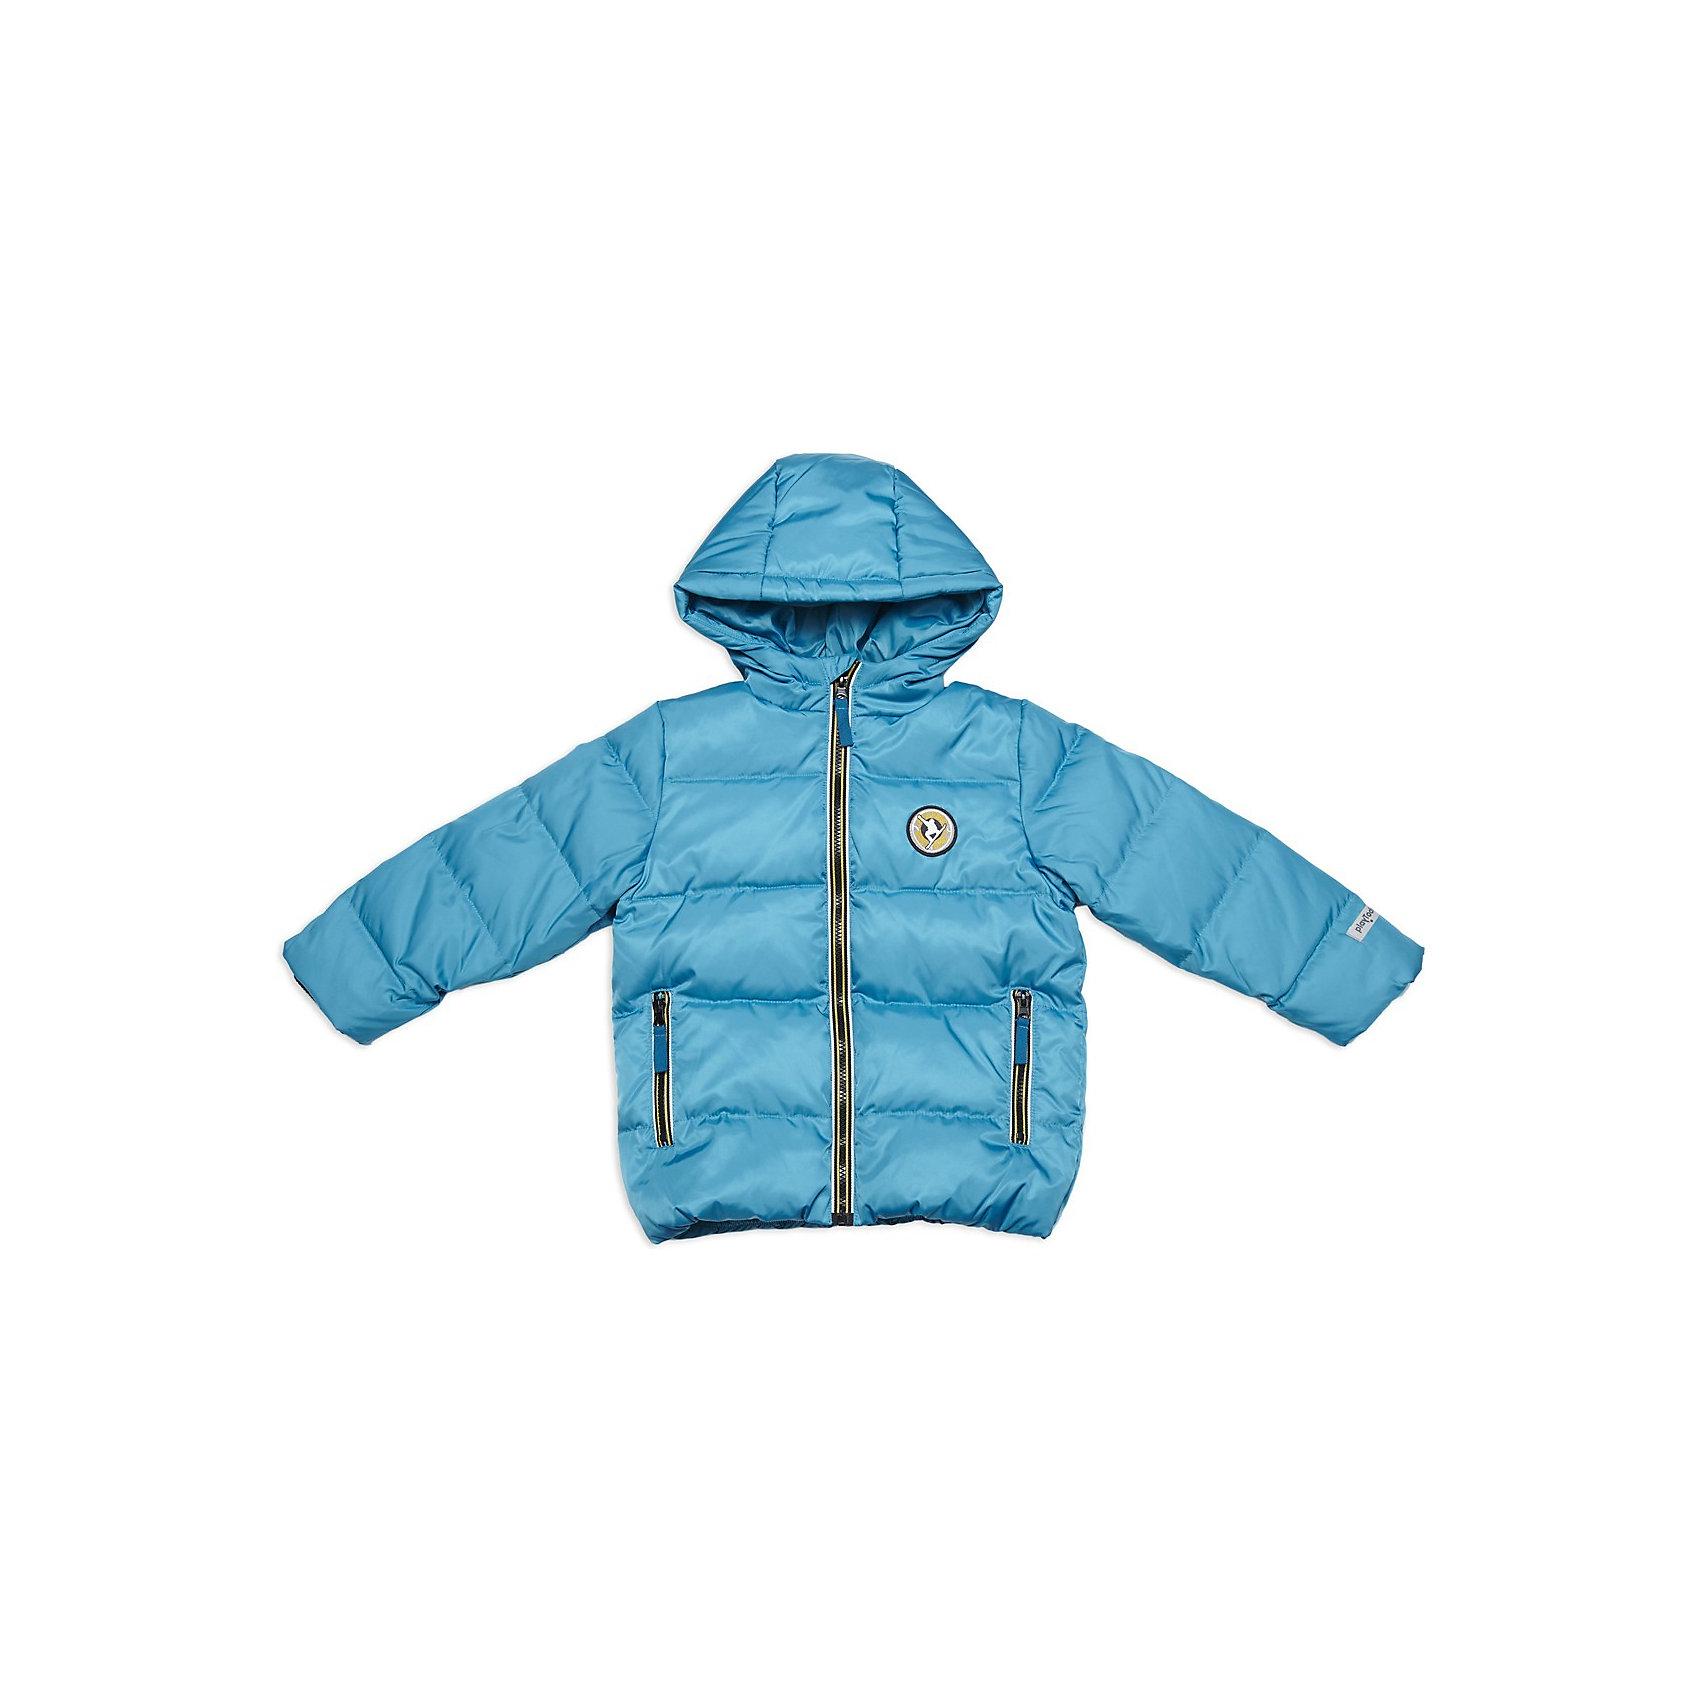 Куртка для мальчика PlayTodayВерхняя одежда<br>Куртка для мальчика от известной марки PlayToday<br>* практичный пуховик с капюшоном<br>* капюшон регулируется резинкой на стопперах<br>* застежка - молния; ветрозащитная планка с внутренней стороны куртки; защита подбородка<br>* по бокам два функциональных кармана на молнии <br>* куртка дополнена манжетами - трикотажная резинка<br>Состав:<br>верх: 100% полиэстер, подкладка: 100% полиэстер, наполнитель: 80% пух, 20% перо<br><br>Ширина мм: 356<br>Глубина мм: 10<br>Высота мм: 245<br>Вес г: 519<br>Цвет: синий<br>Возраст от месяцев: 72<br>Возраст до месяцев: 84<br>Пол: Мужской<br>Возраст: Детский<br>Размер: 122,104,98,128,110,116<br>SKU: 3743134